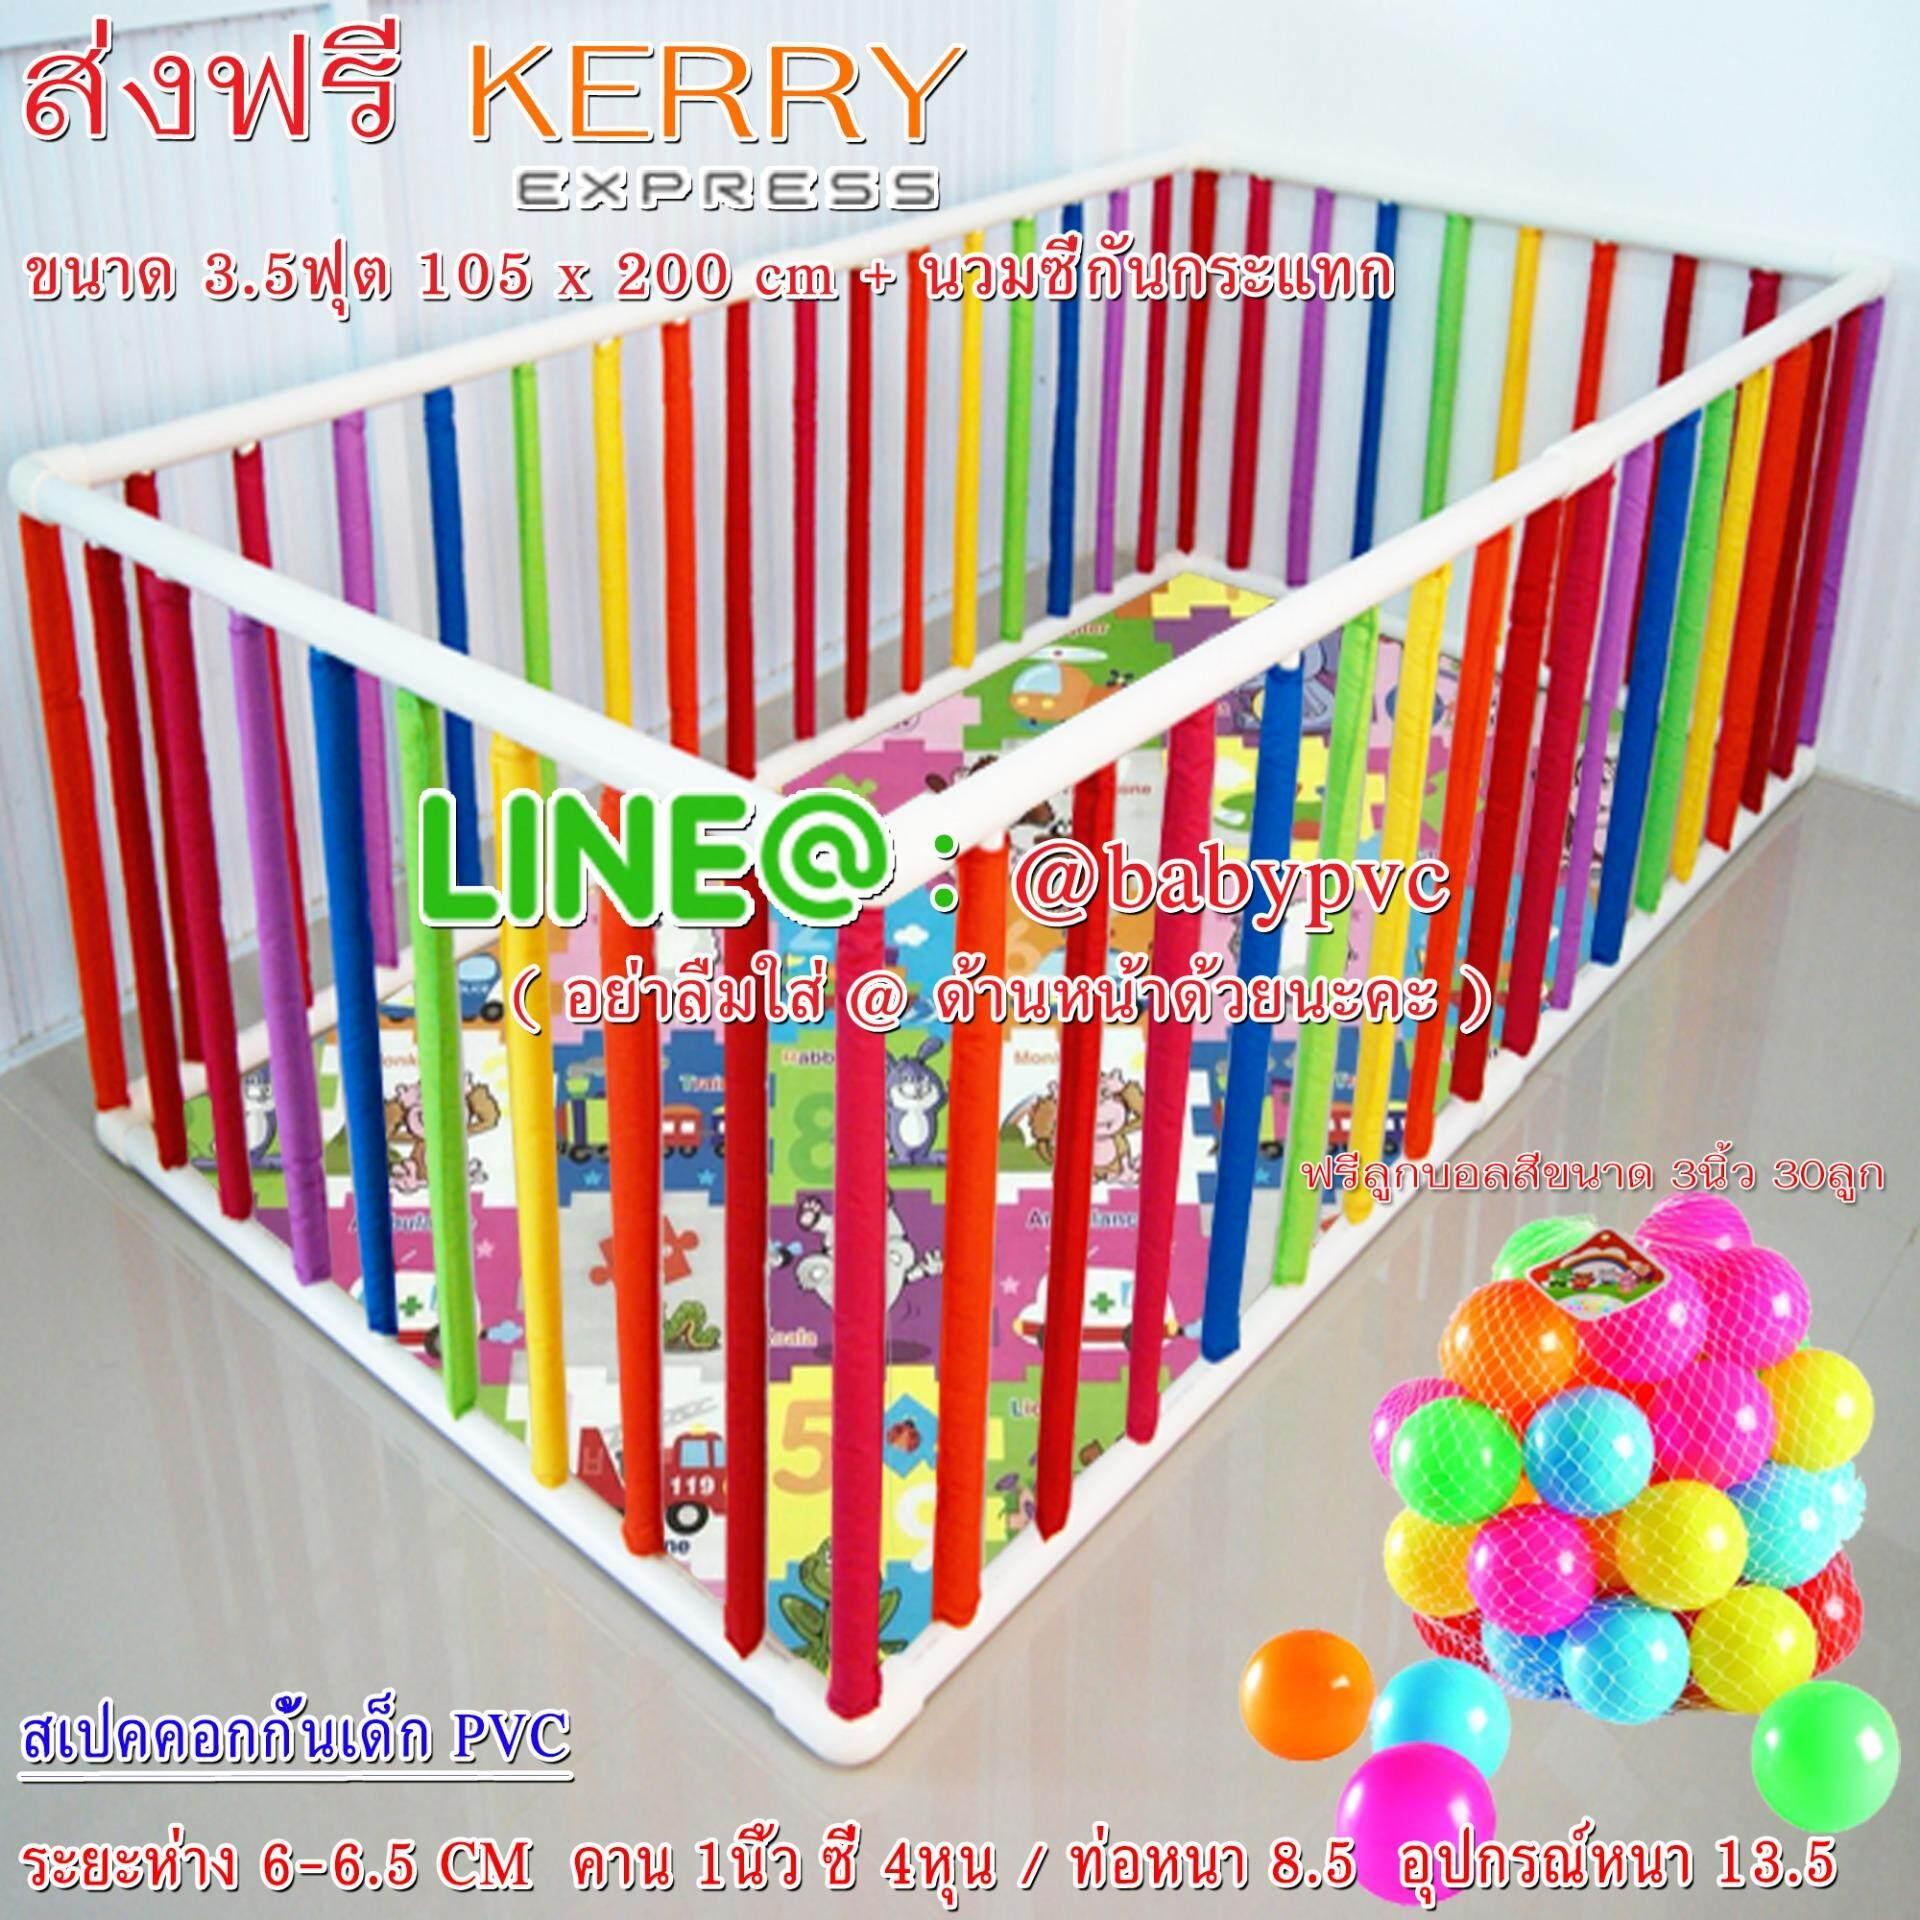 [[ ส่งฟรี Kerry ]] [[ ฟรีบอล 30ลูก ]] คอกกั้นเด็ก 3.5ฟุต 1.05*2เมตร + นวมซี่สีรุ้ง.